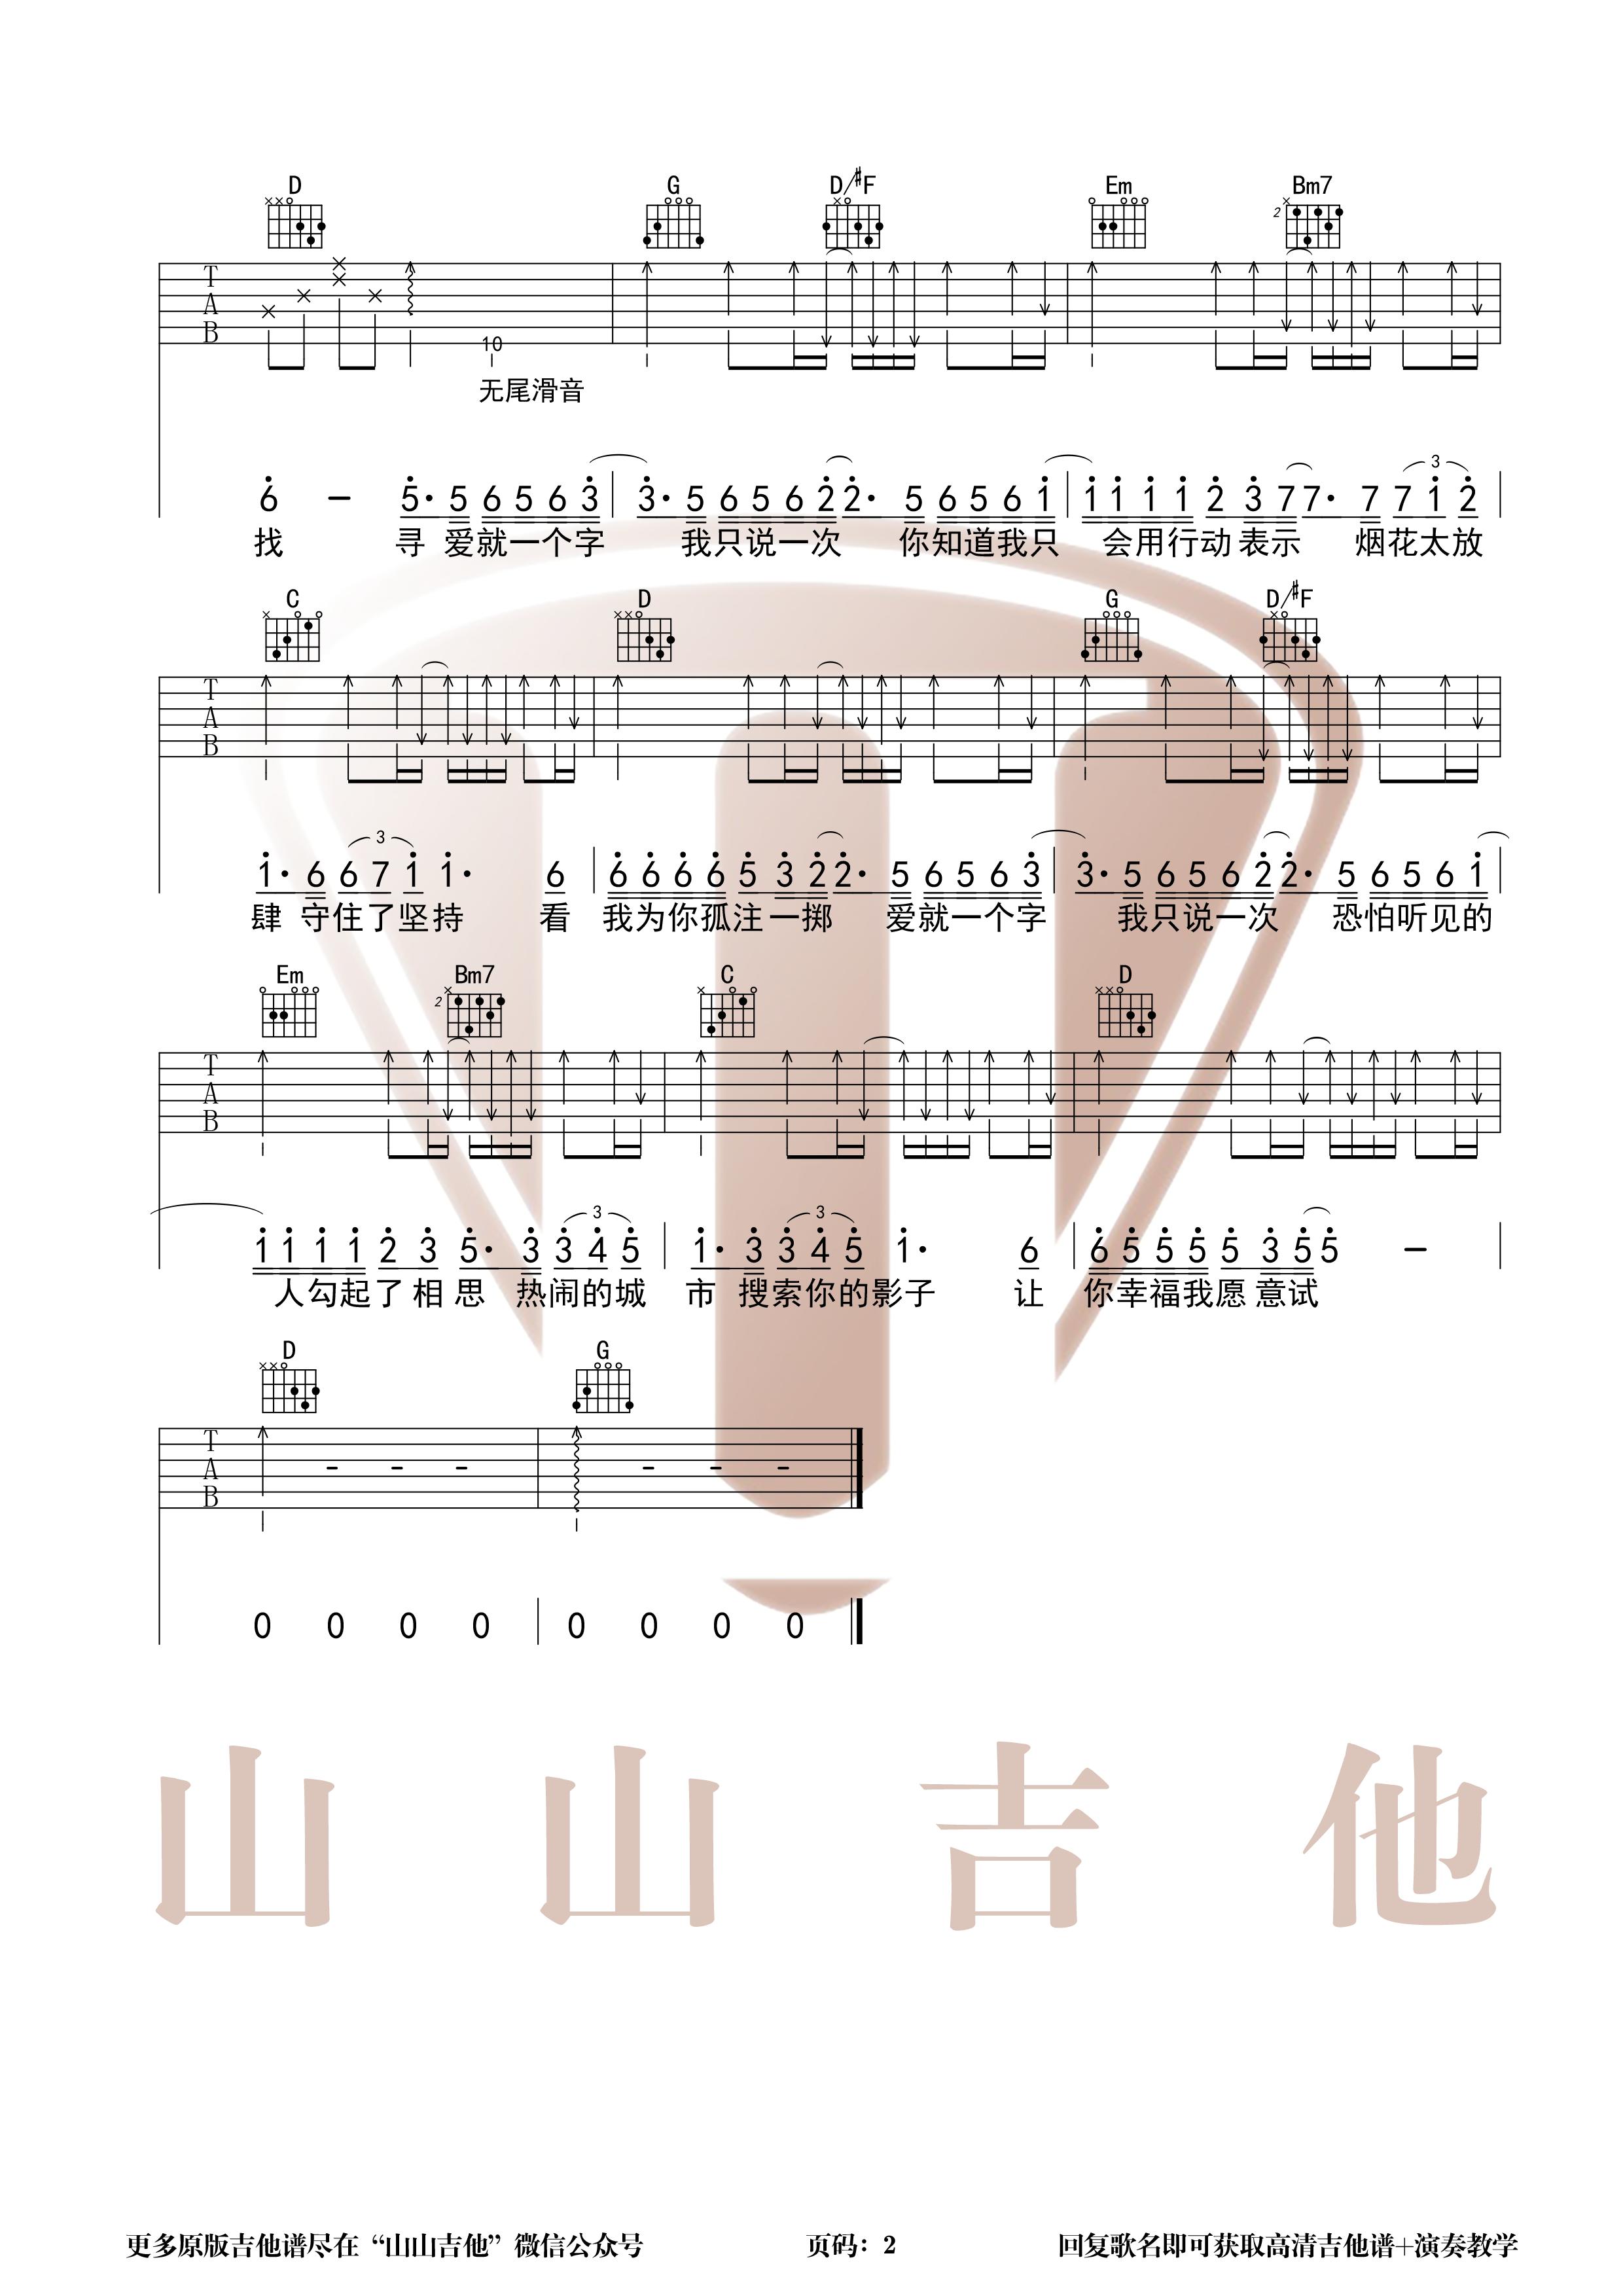 抖音李巍版本 - 爱就一个字(原版和弦编配 附简单版吉他谱)吉他谱(图片谱)_张信哲_1爱就一个字2简单版.png